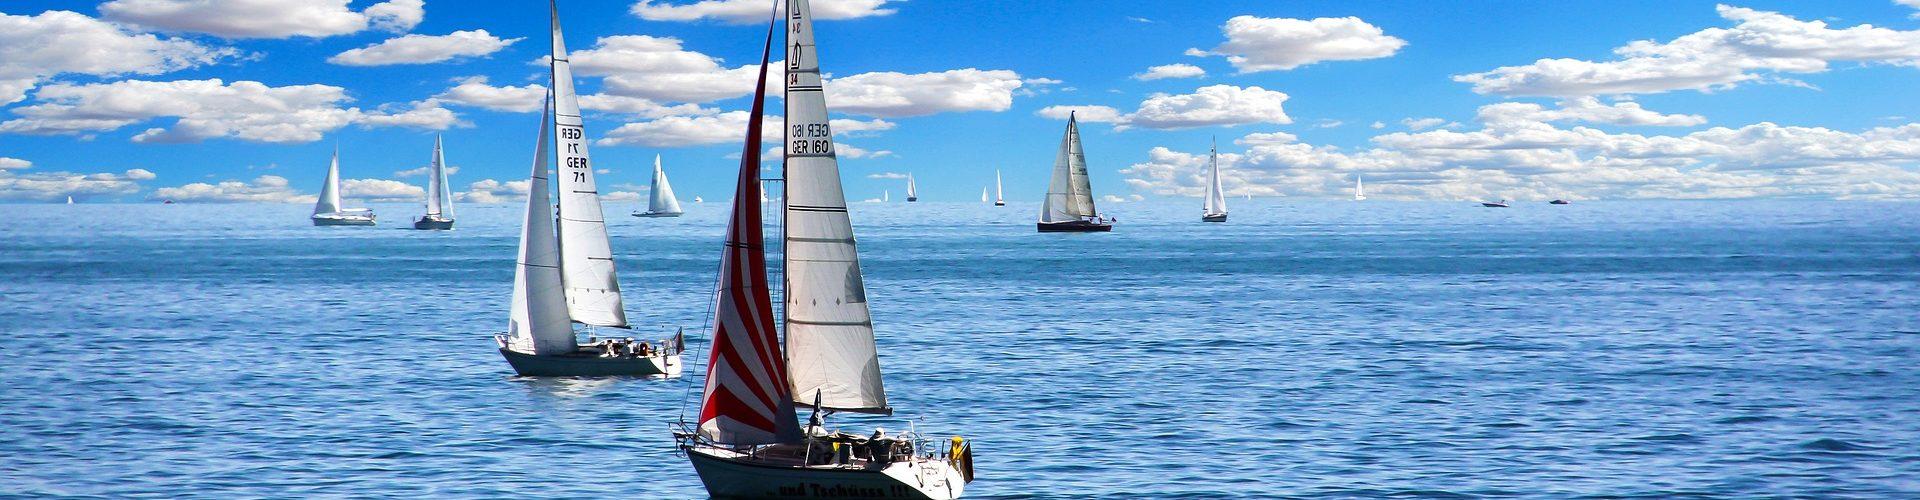 segeln lernen in Philippsburg segelschein machen in Philippsburg 1920x500 - Segeln lernen in Philippsburg